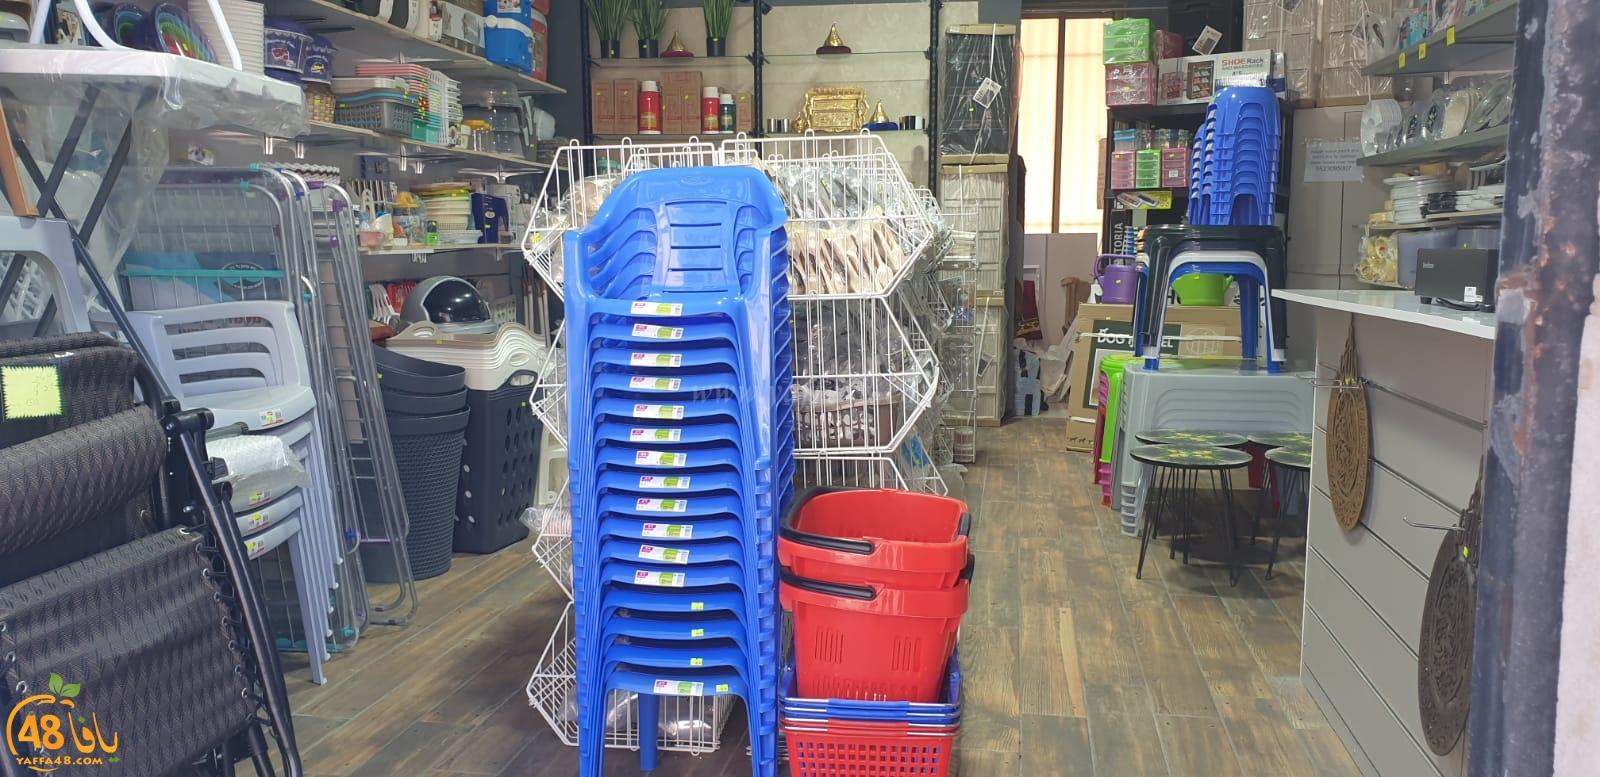 كل ما تحتاجه العائلة من أدوات بلاستيكية تحت سقف واحد